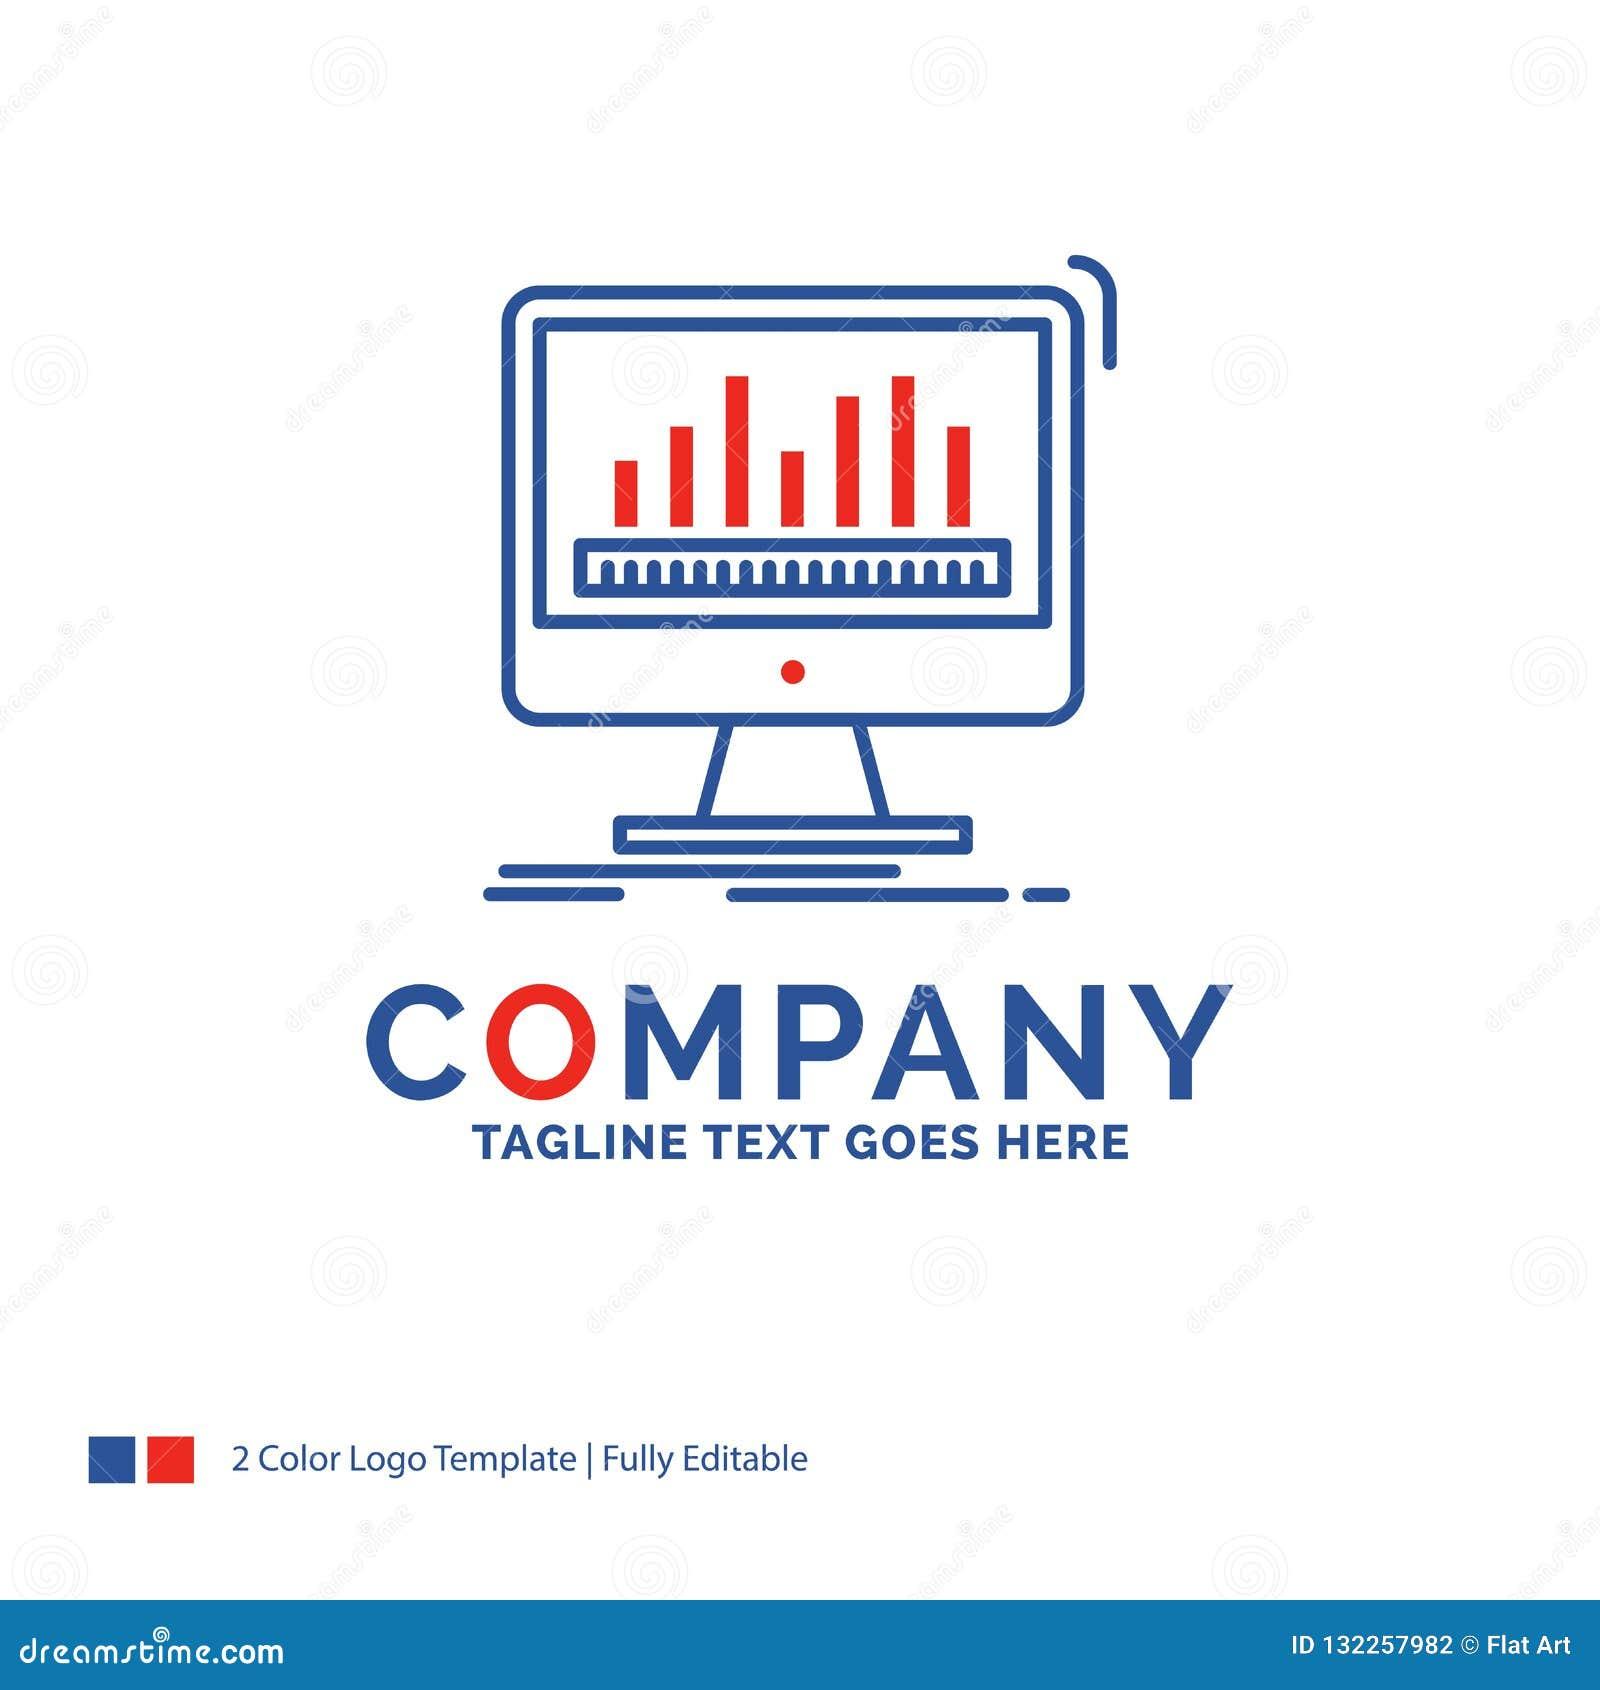 Analytics De Logo Design For De Nom De La Société, Traitant